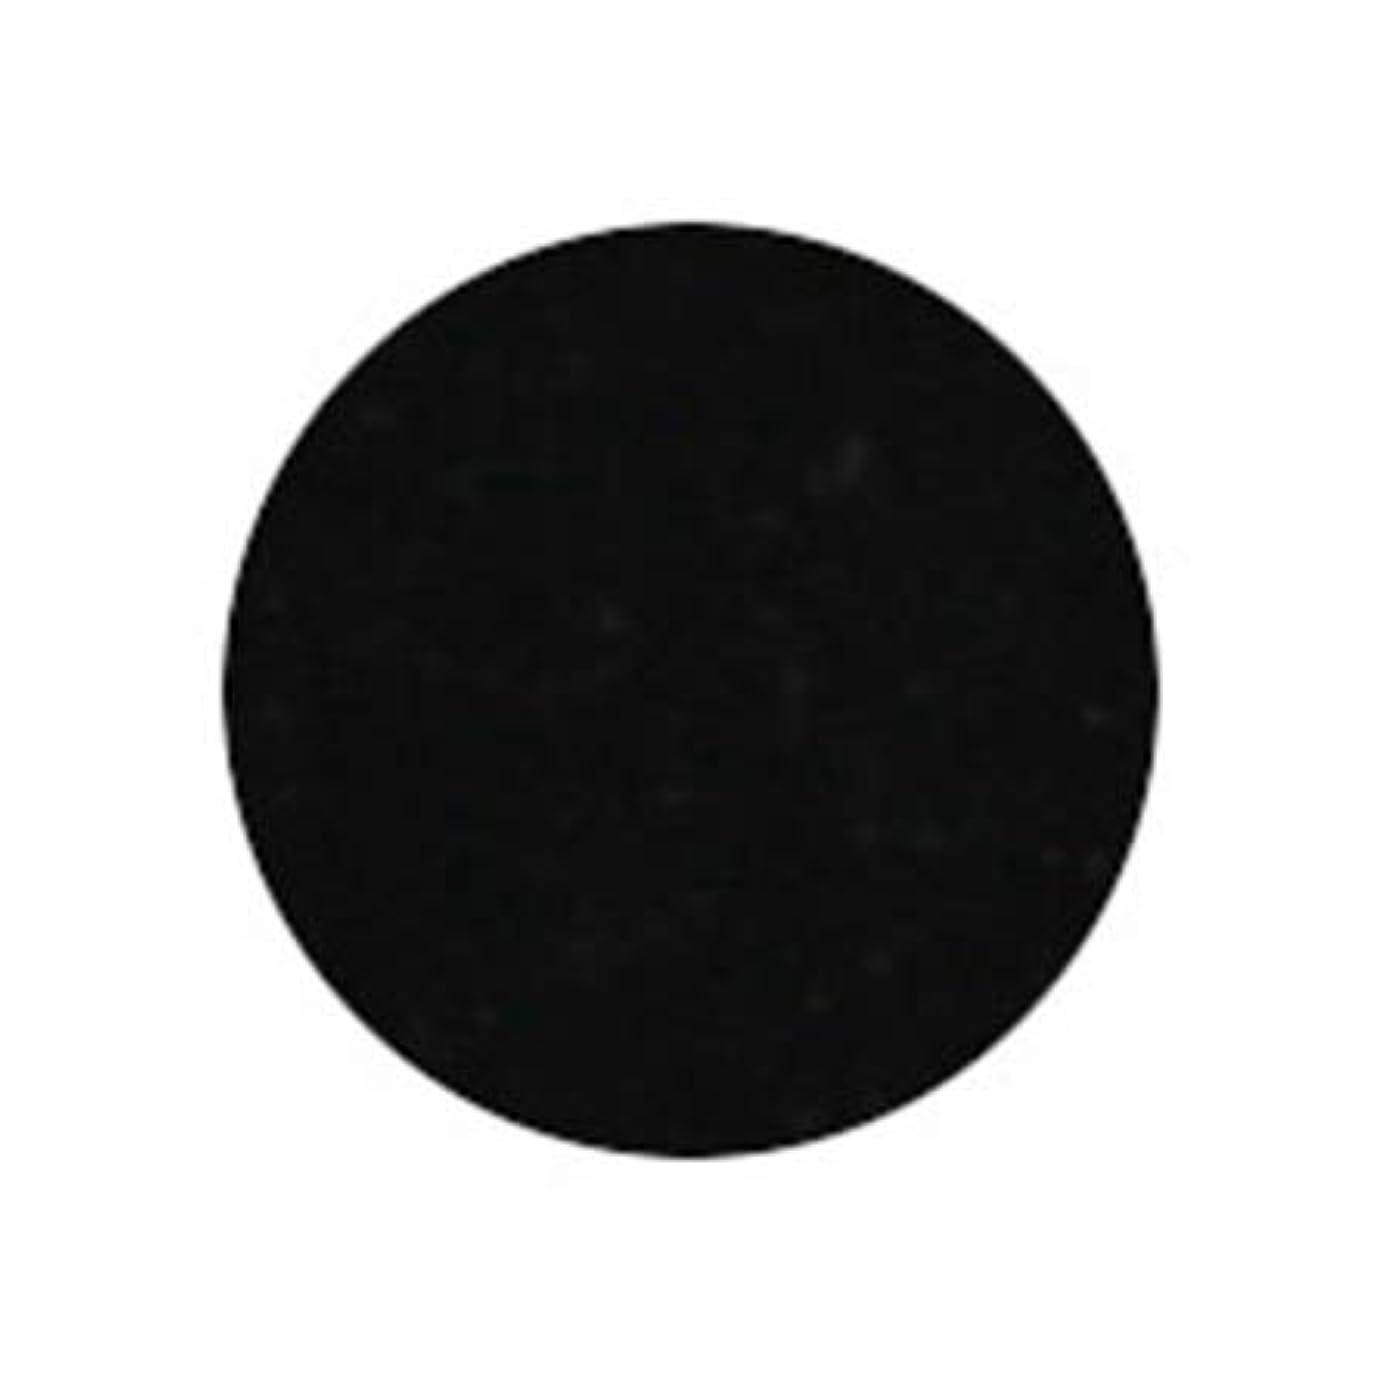 小麦粉欠如ピクニックをするPutiel プティール カラージェル 501 ブラック 4g